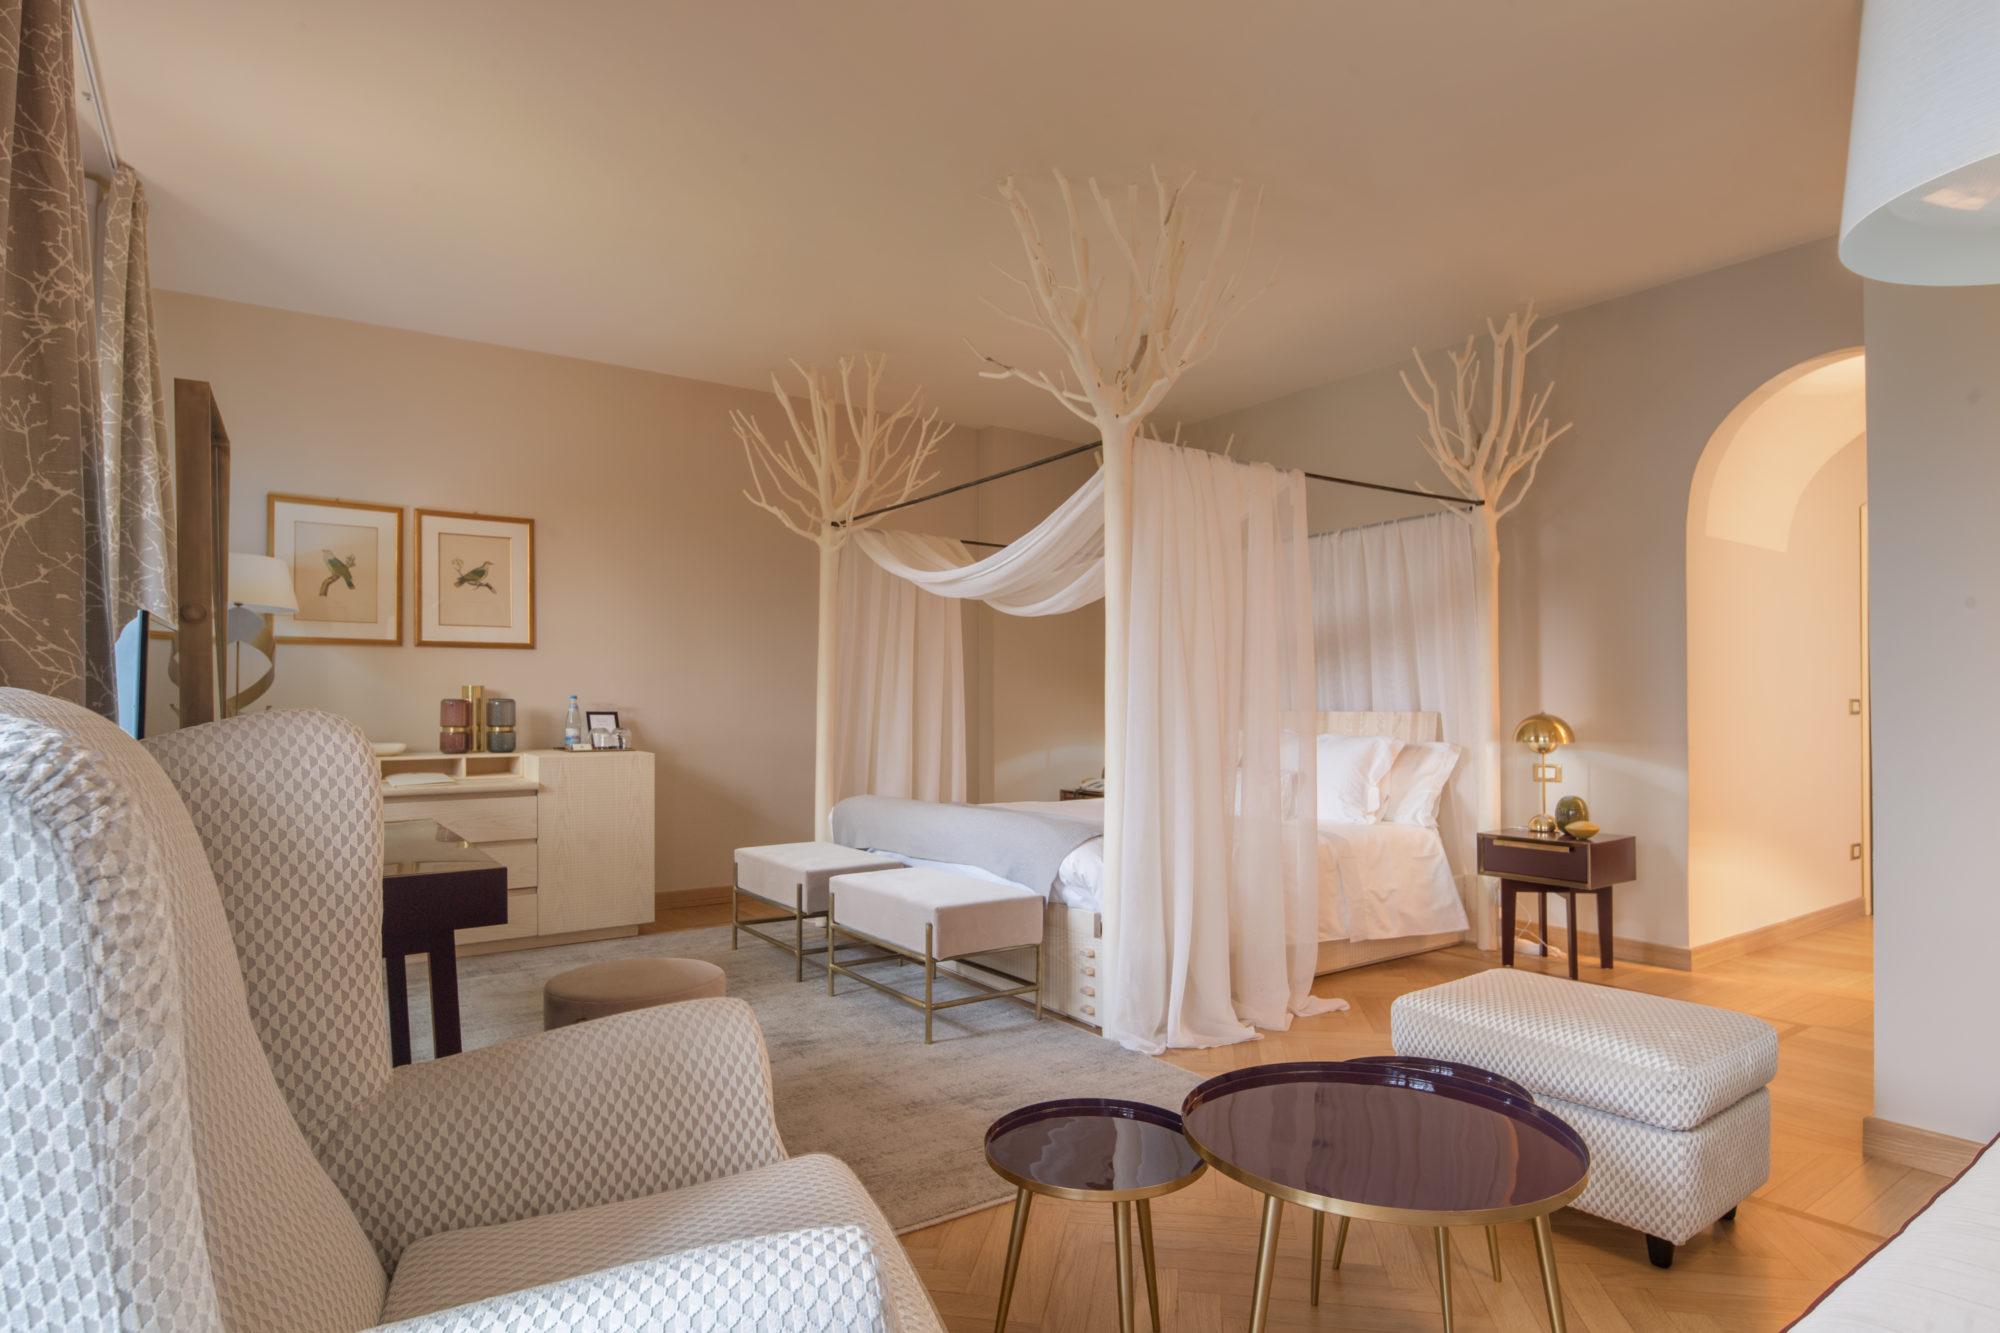 Arredamento camera da letto fotografo brescia ottavio for Arredamento zen camera da letto